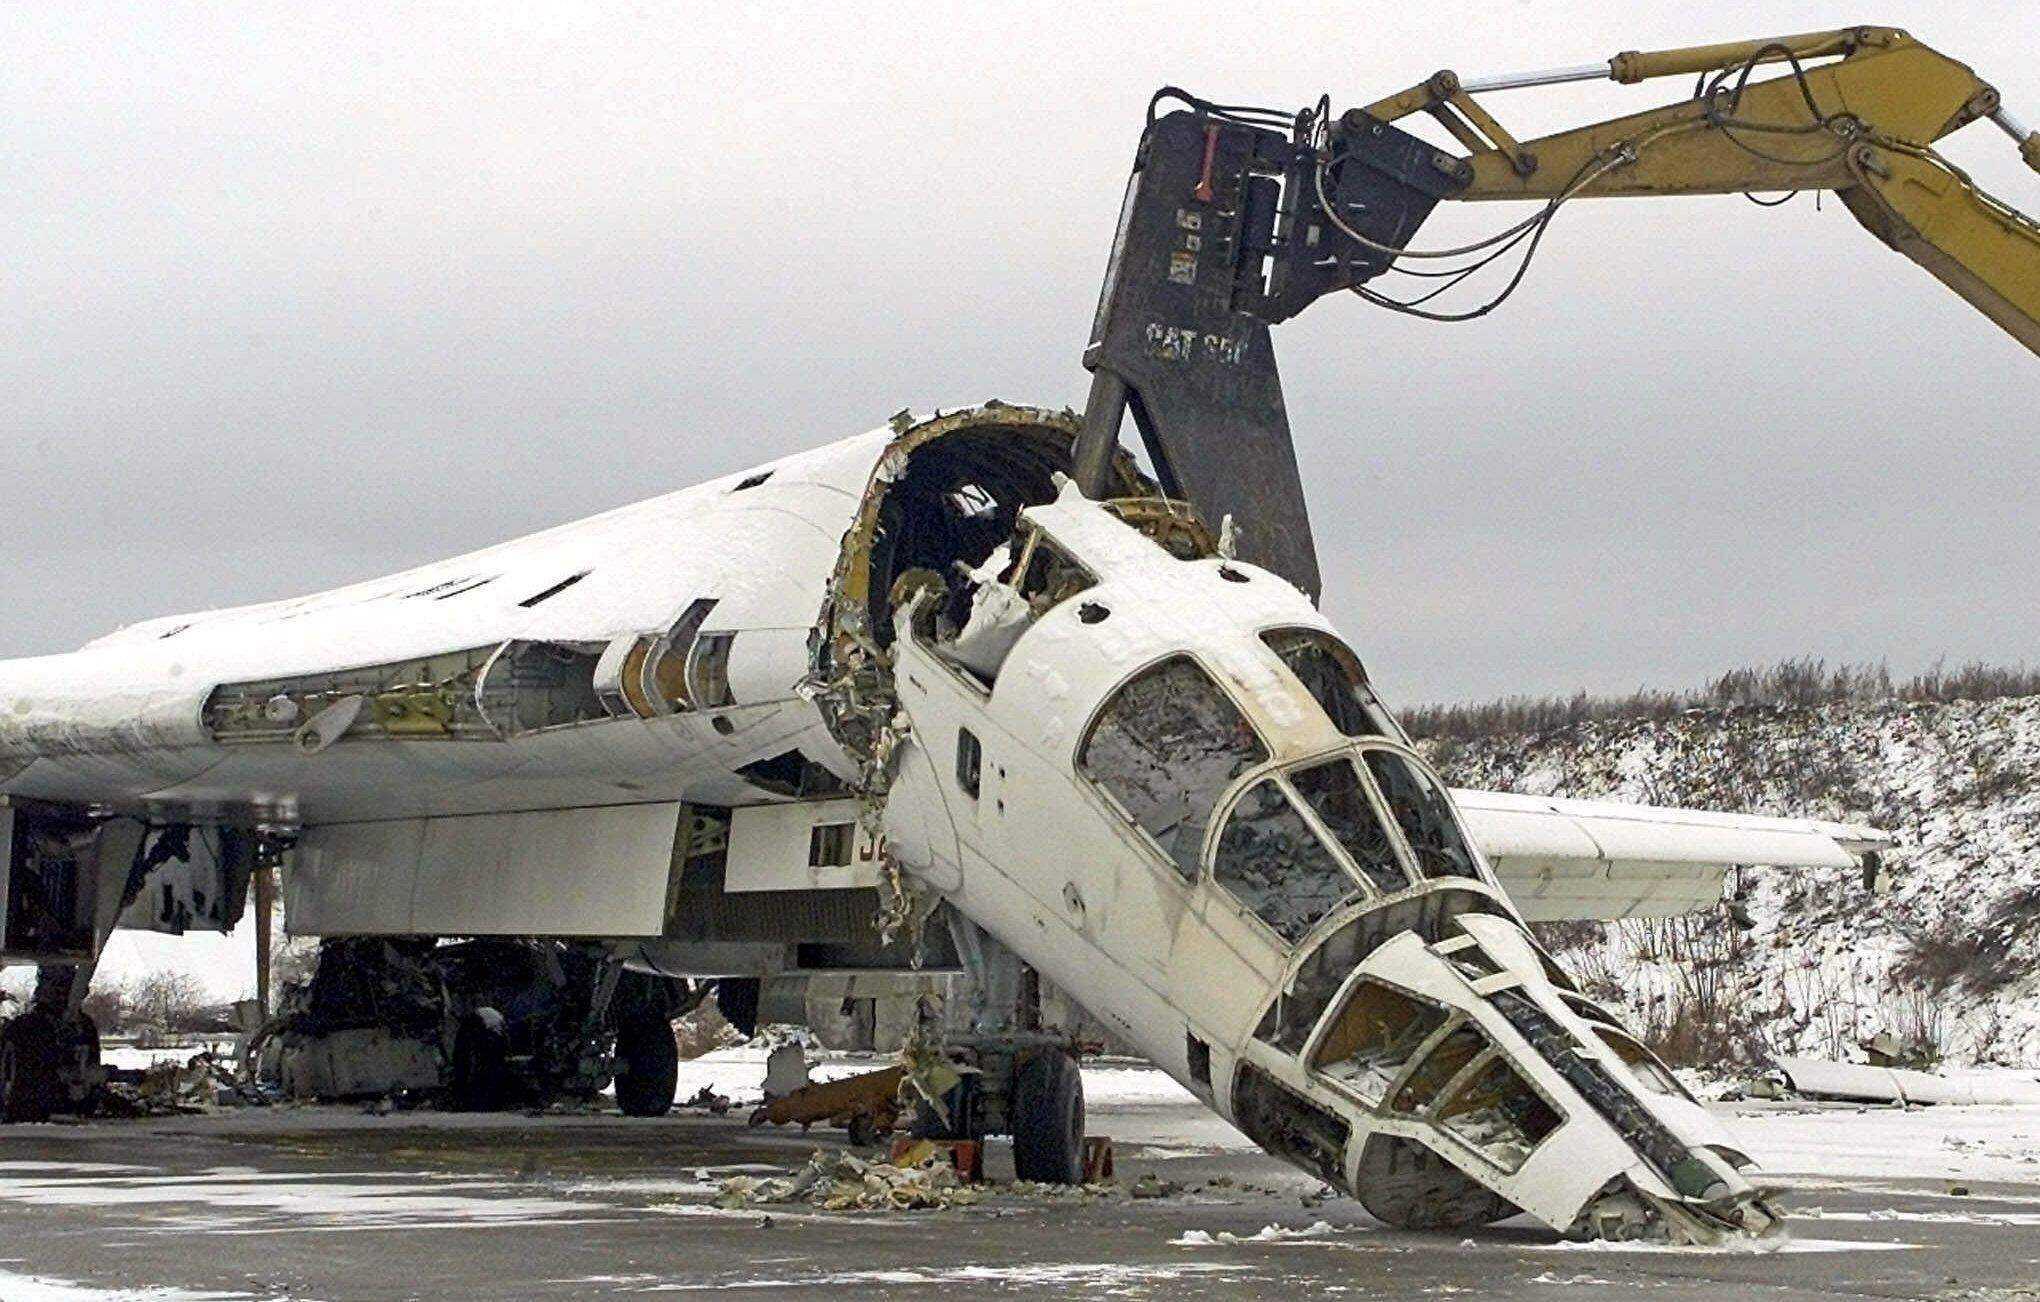 демонтаж самолета гидравлическими ножницами